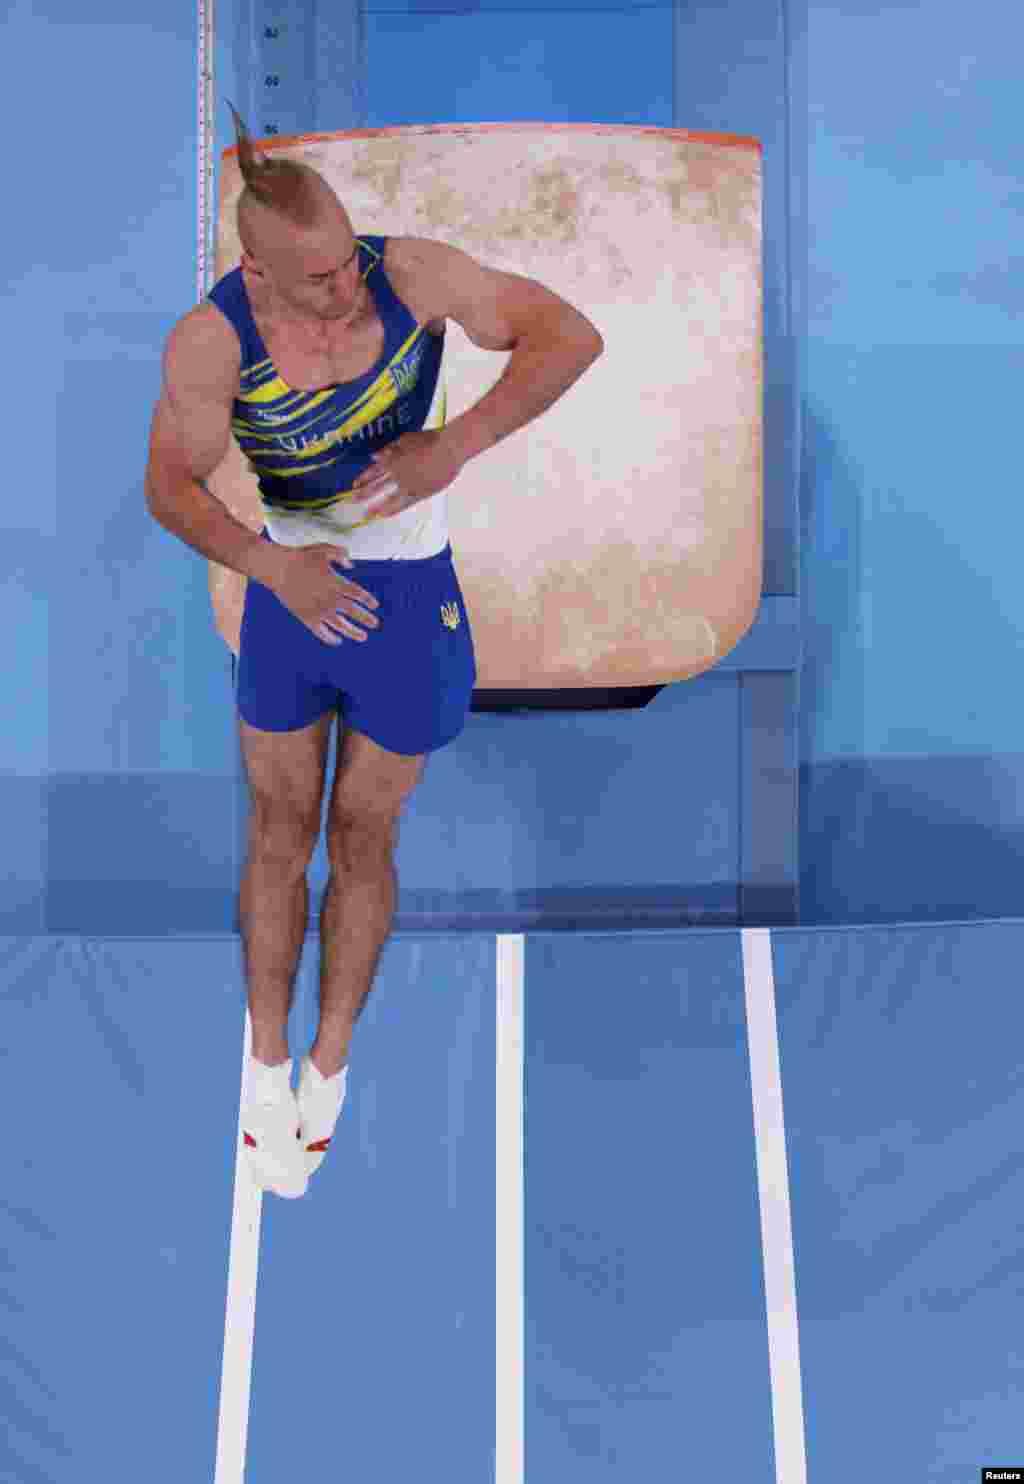 Петро Пахнюк із України під час фіналу з індивідуального багатоборства серед чоловіків. Токіо, Японія, 28 липня 2021 року